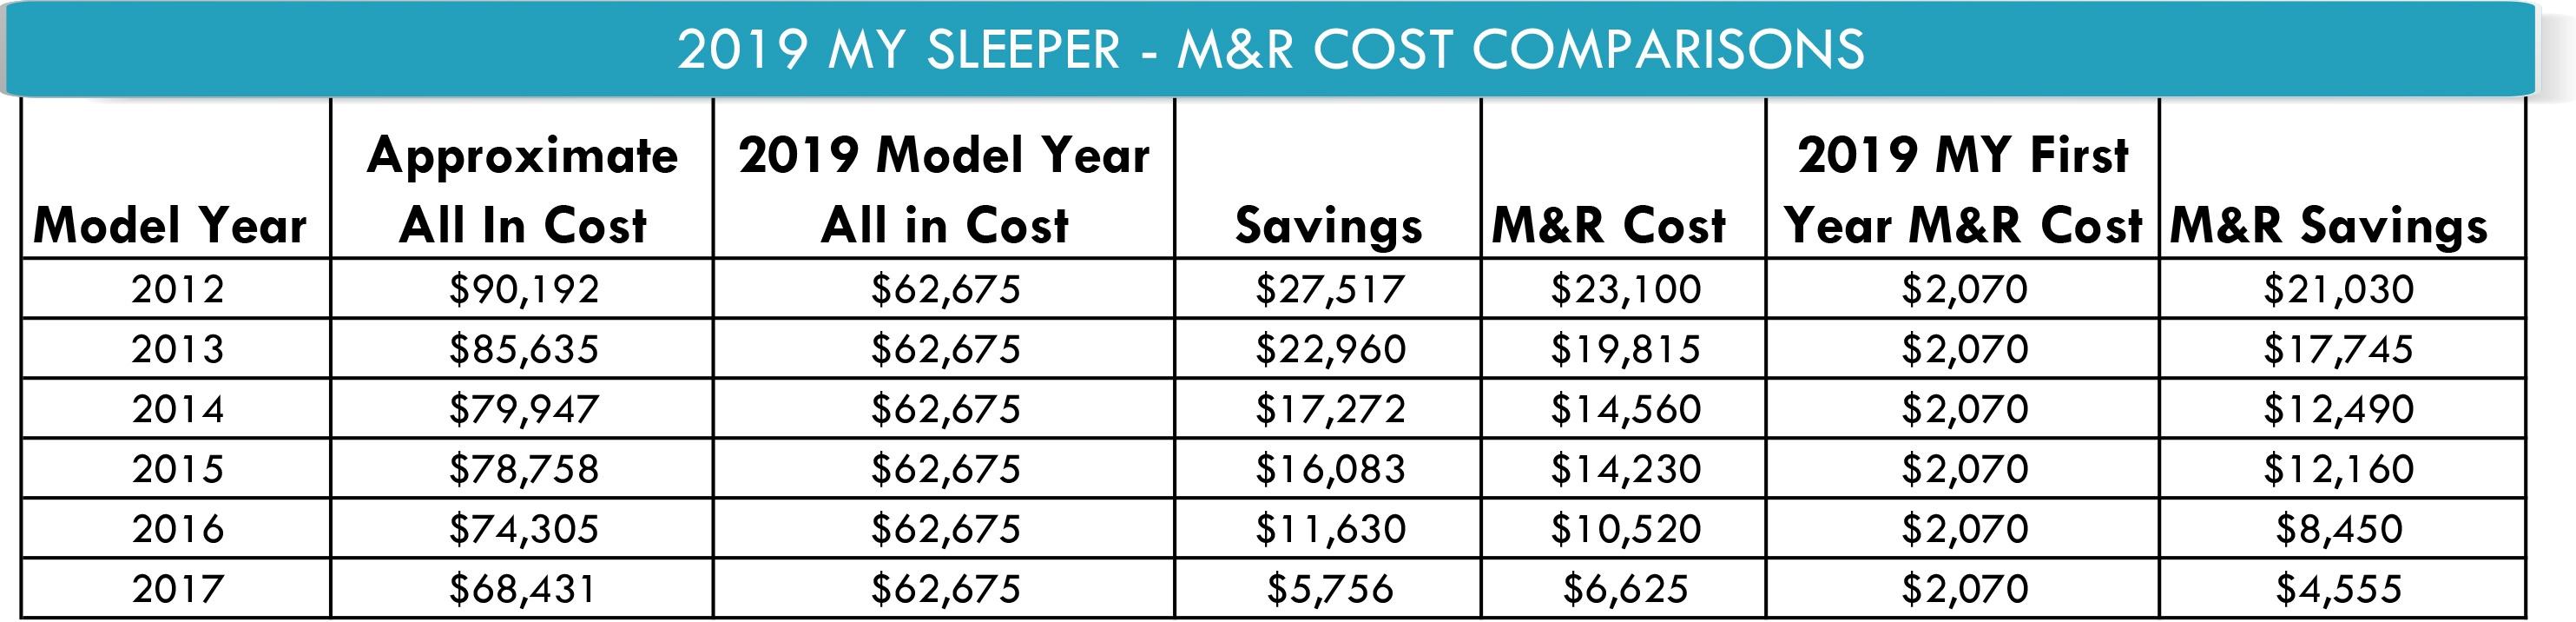 M&R Cost Comparison